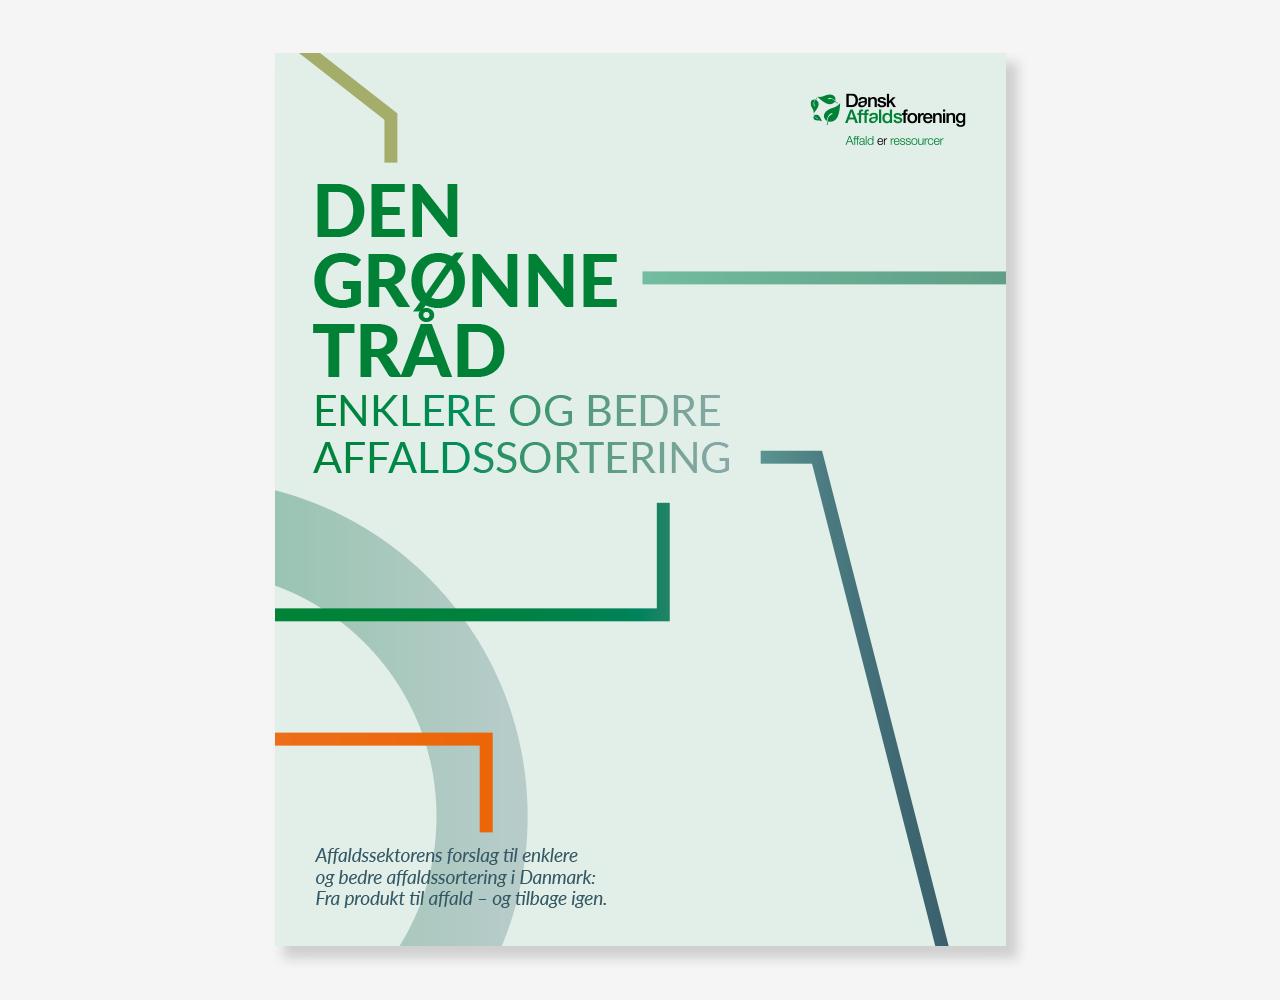 Den grønne tråd publikation